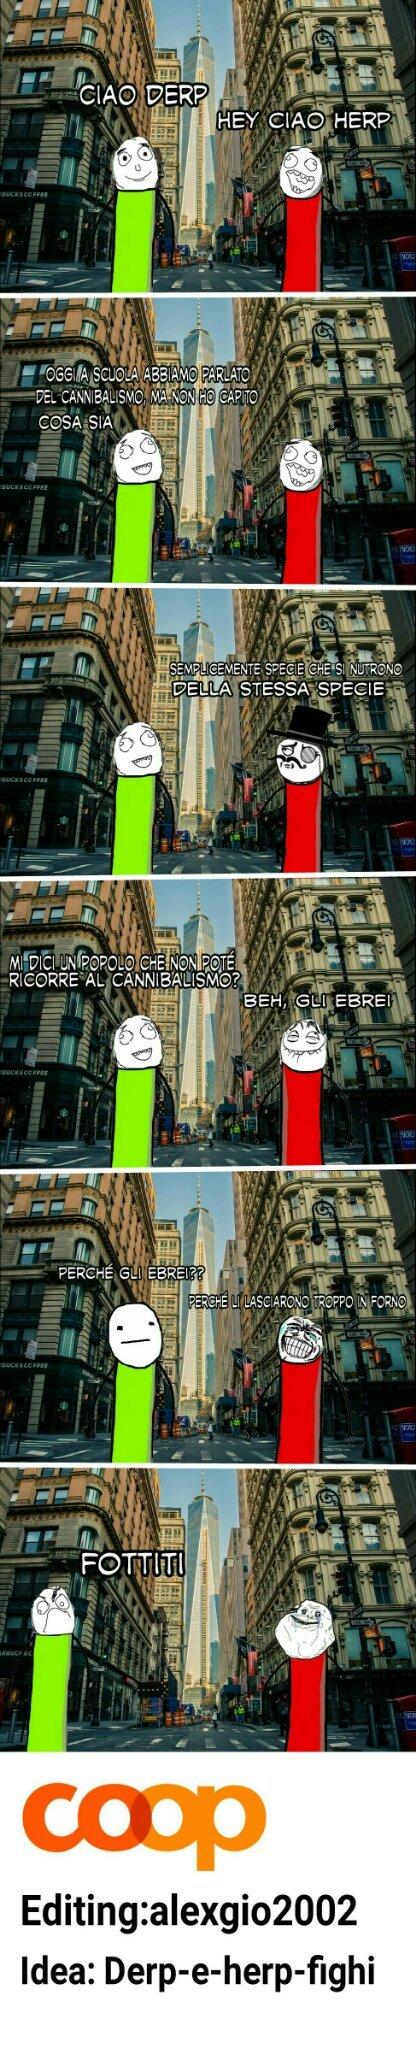 Meme fatto con Derp-e-herp-fighi, se volete fare una come cercatemi su kik: AleGio, cito rares e BennyFrency62